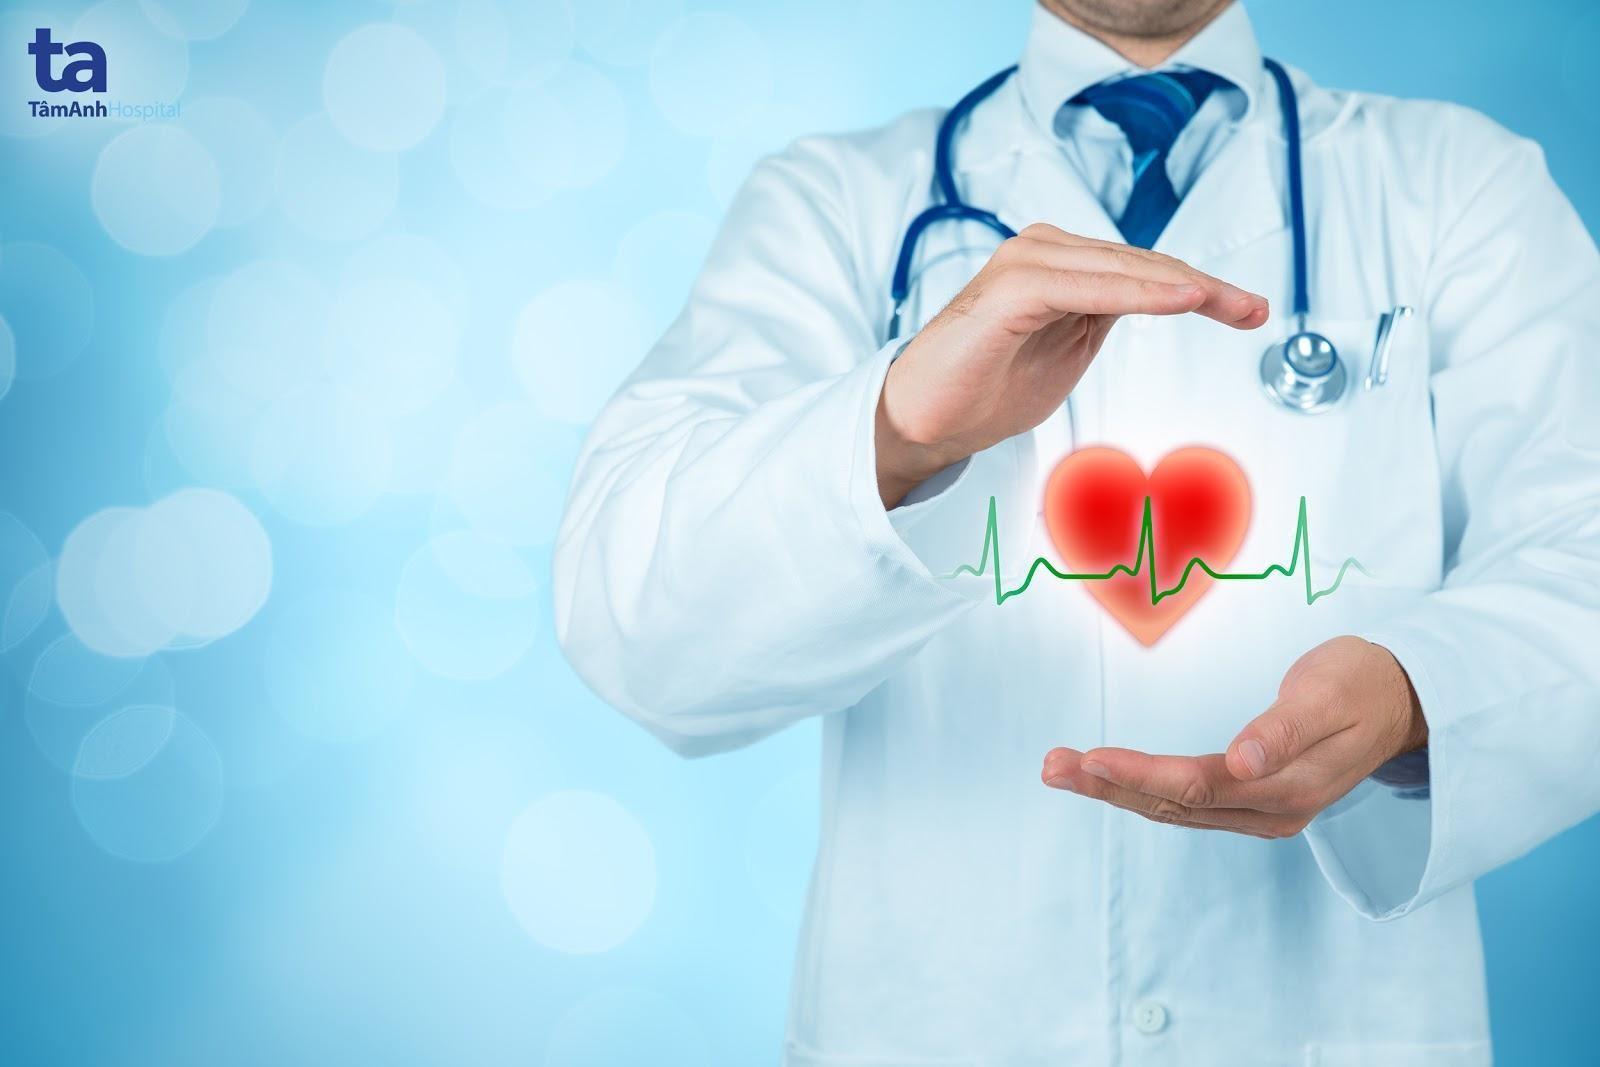 Thay van tim là biện pháp giúp người bệnh phòng ngừa được các biến chứng và nguy cơ đột tử.